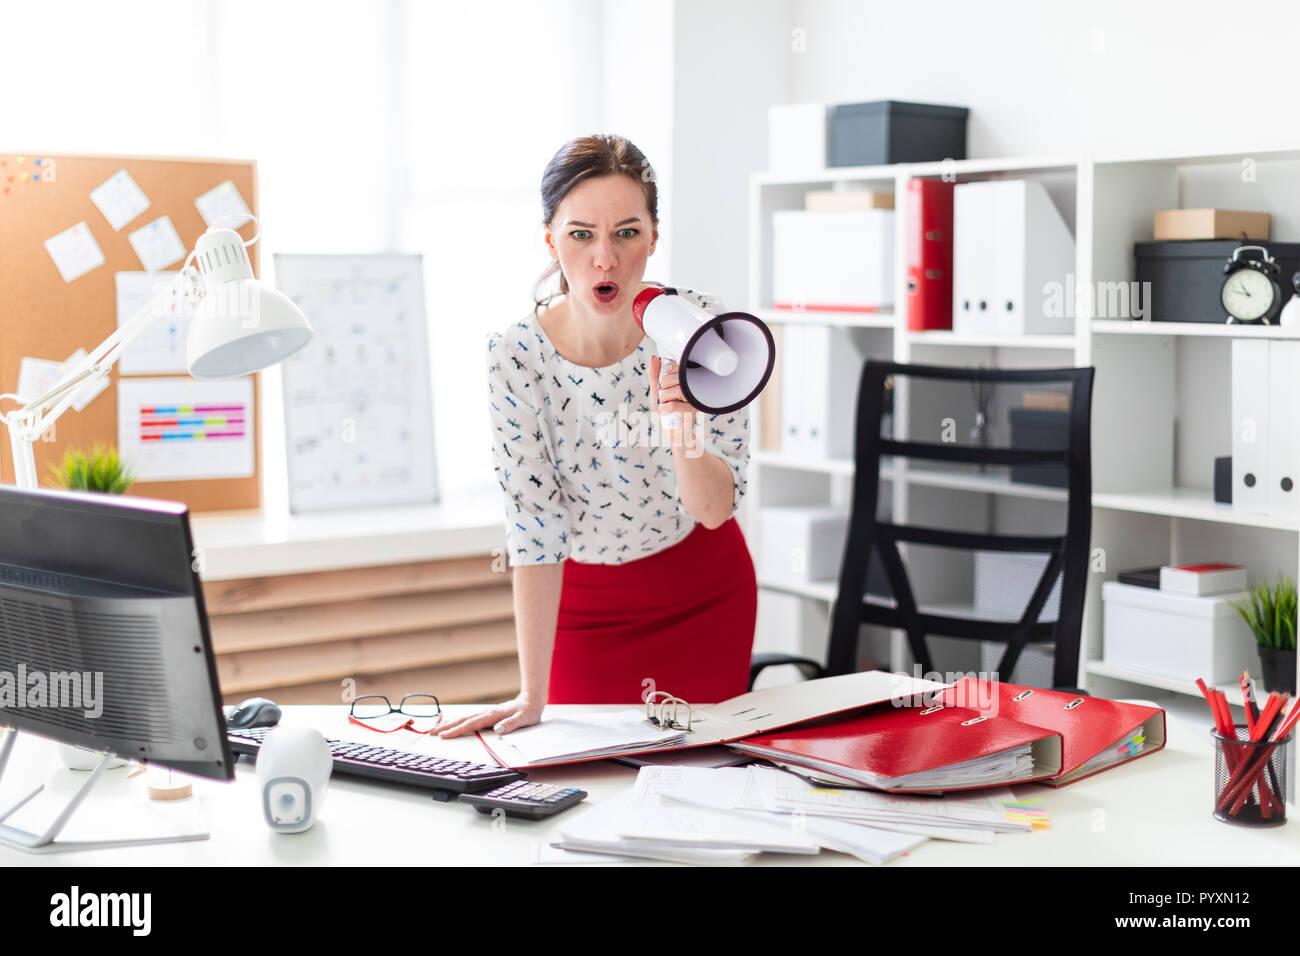 Una niña se encuentra en la oficina cerca de la mesa y dice en un grito. Imagen De Stock